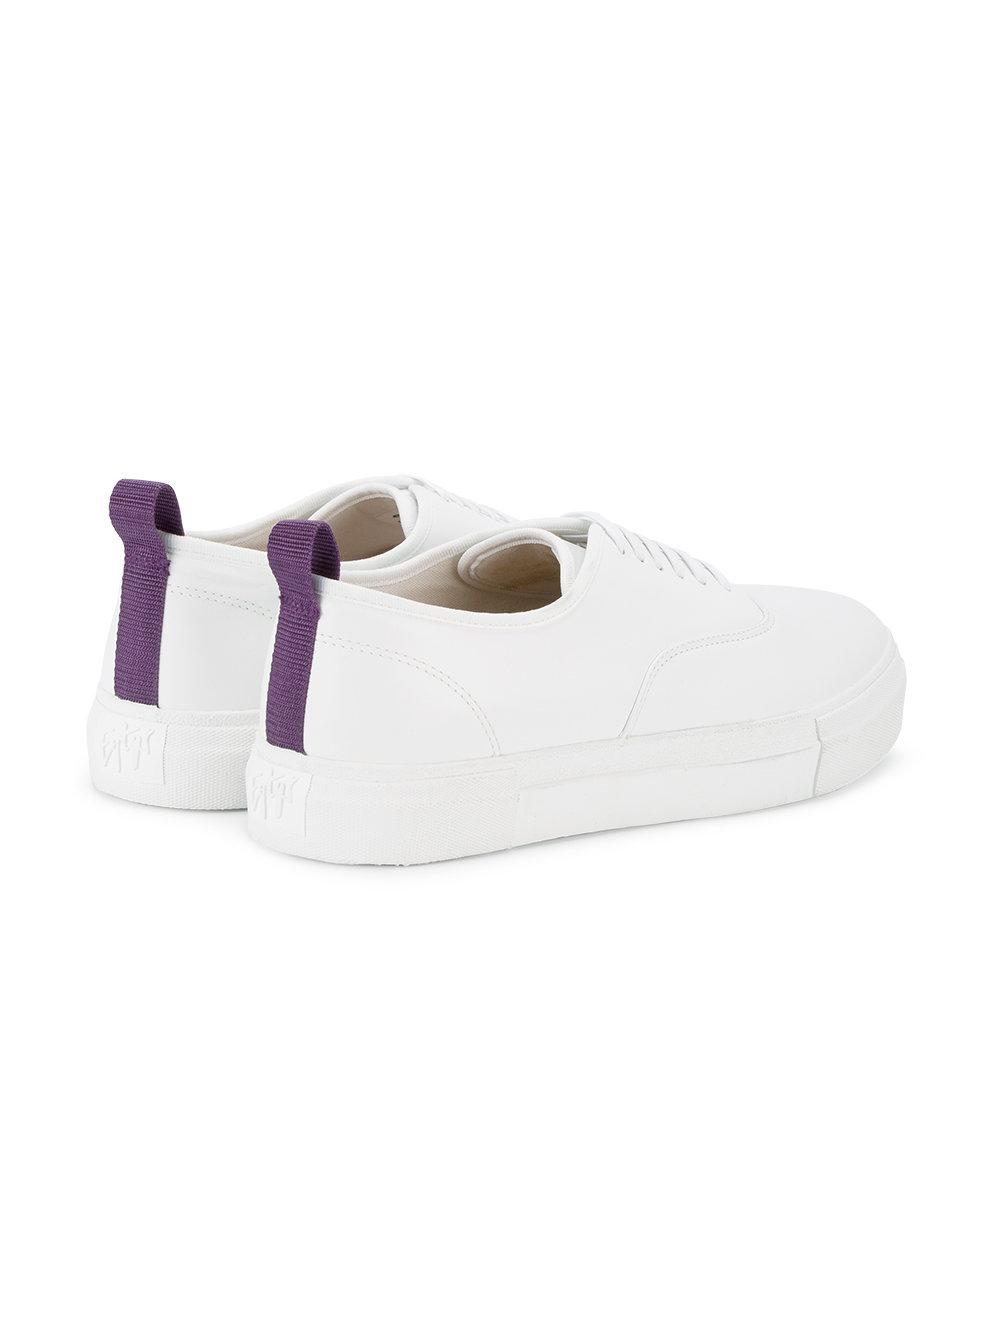 Farfetch-EYTYS-Sneakers